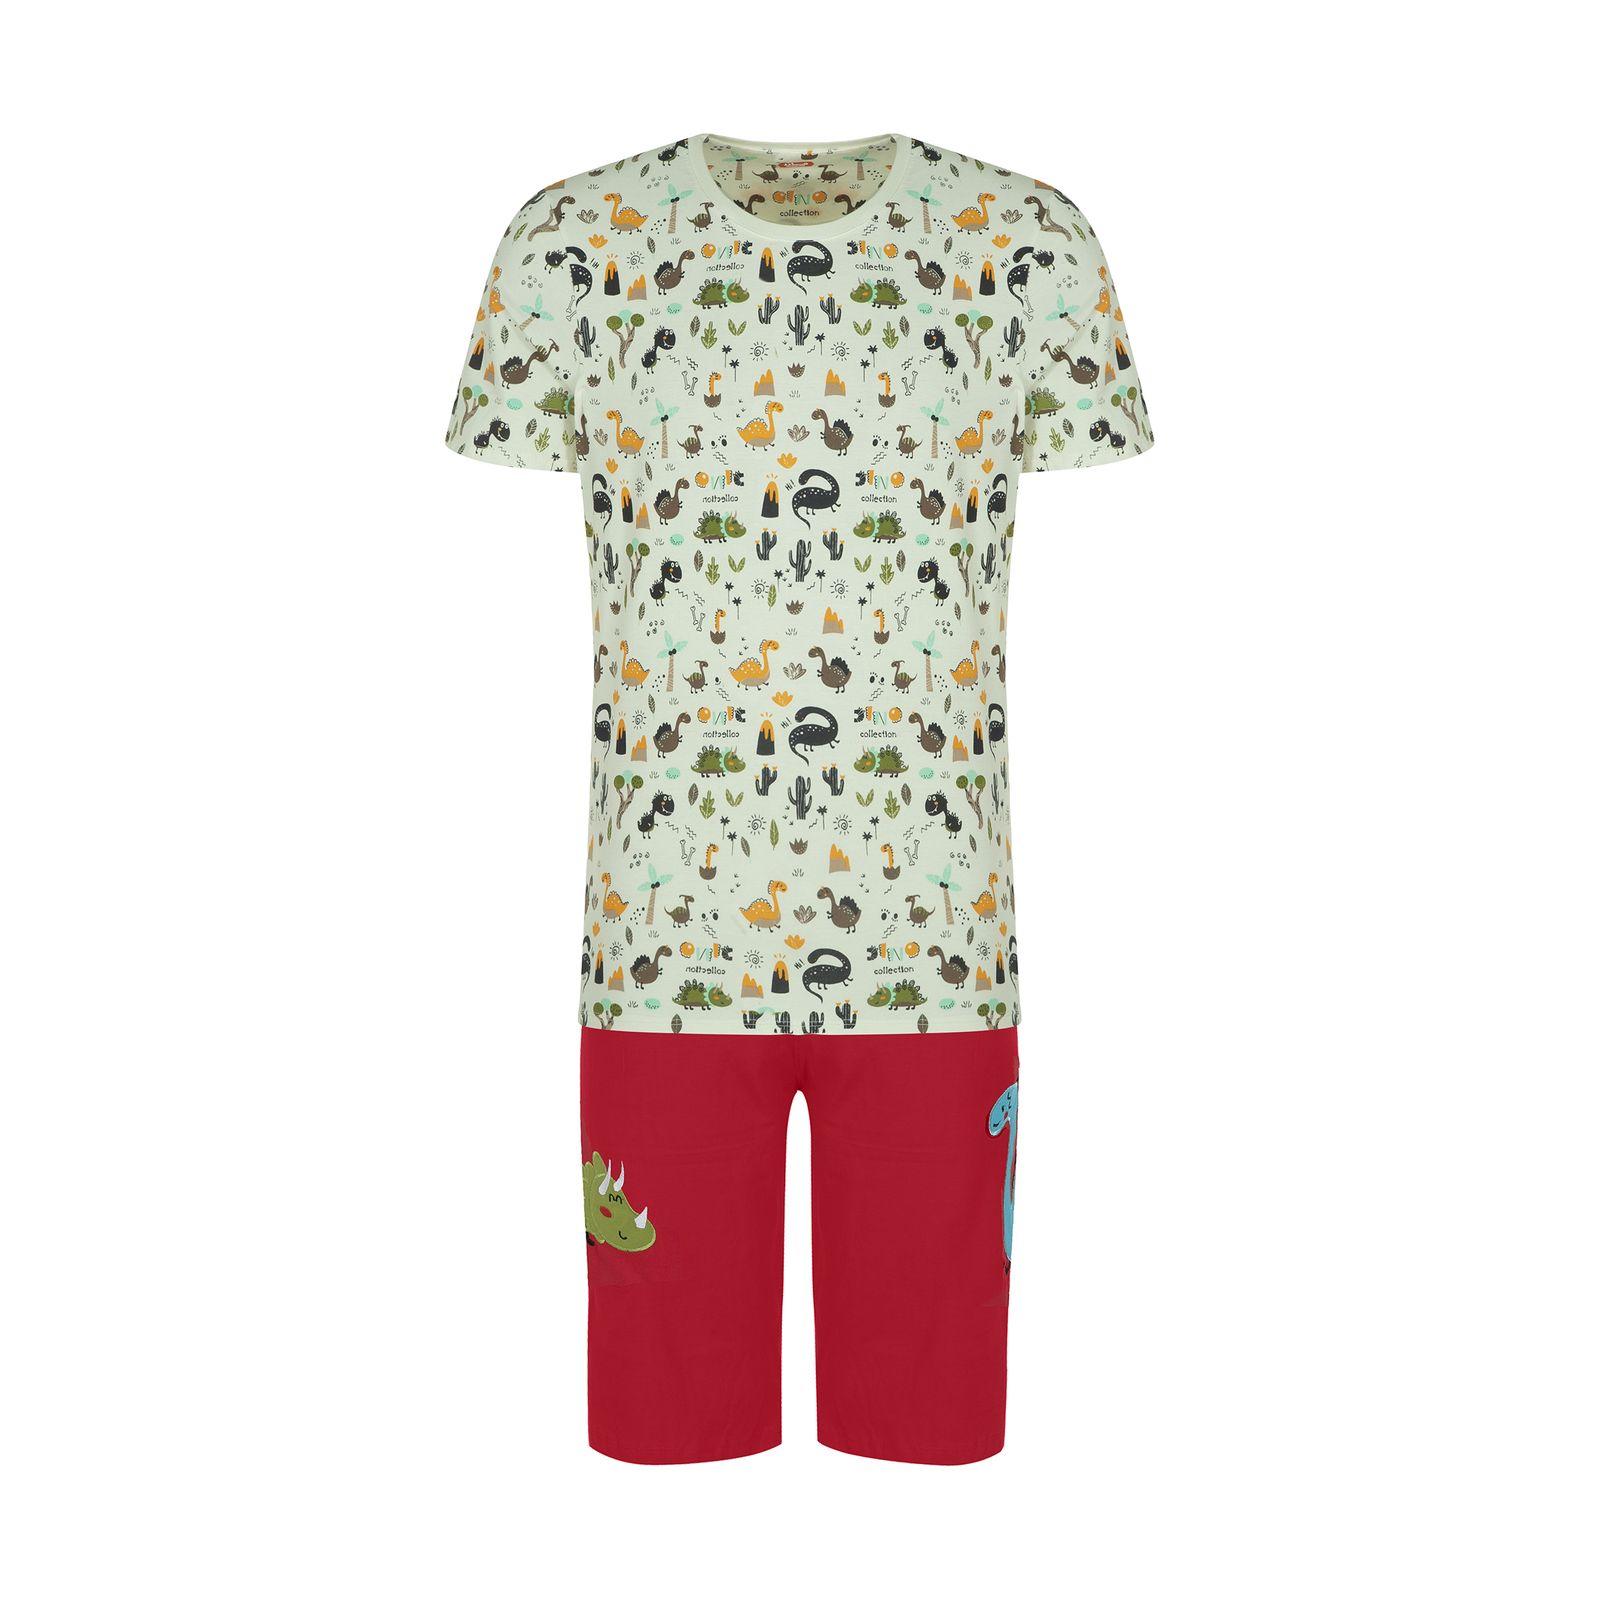 ست تی شرت و شلوارک راحتی مردانه مادر مدل 2041110-74 -  - 2